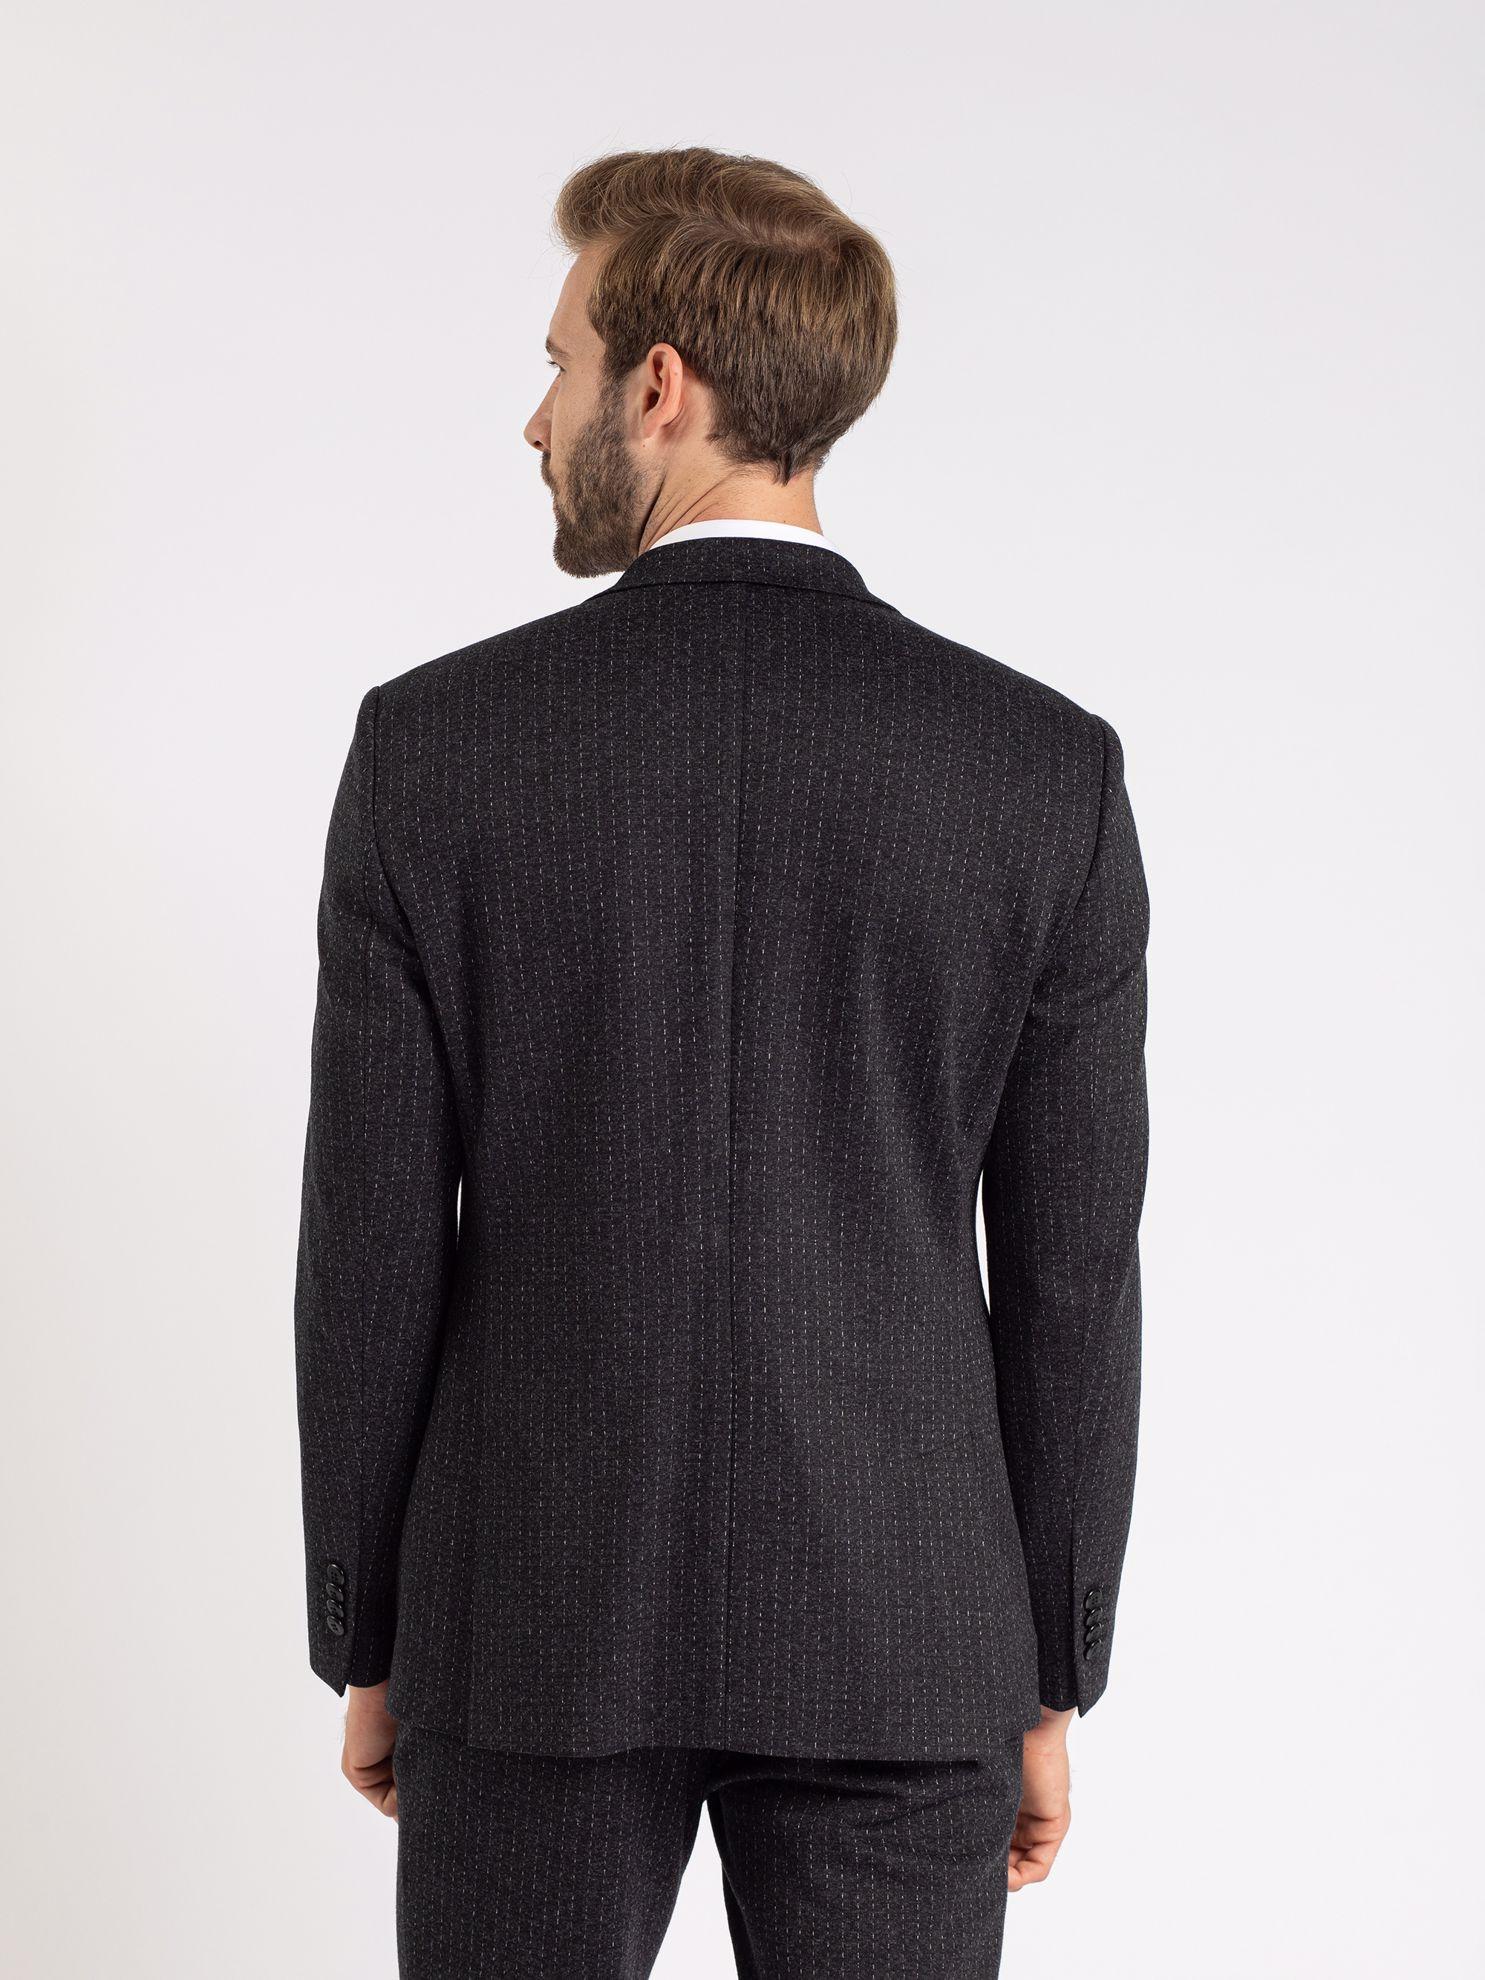 Toss Erkek 6 Drop Takım Elbise-Antrasit. ürün görseli